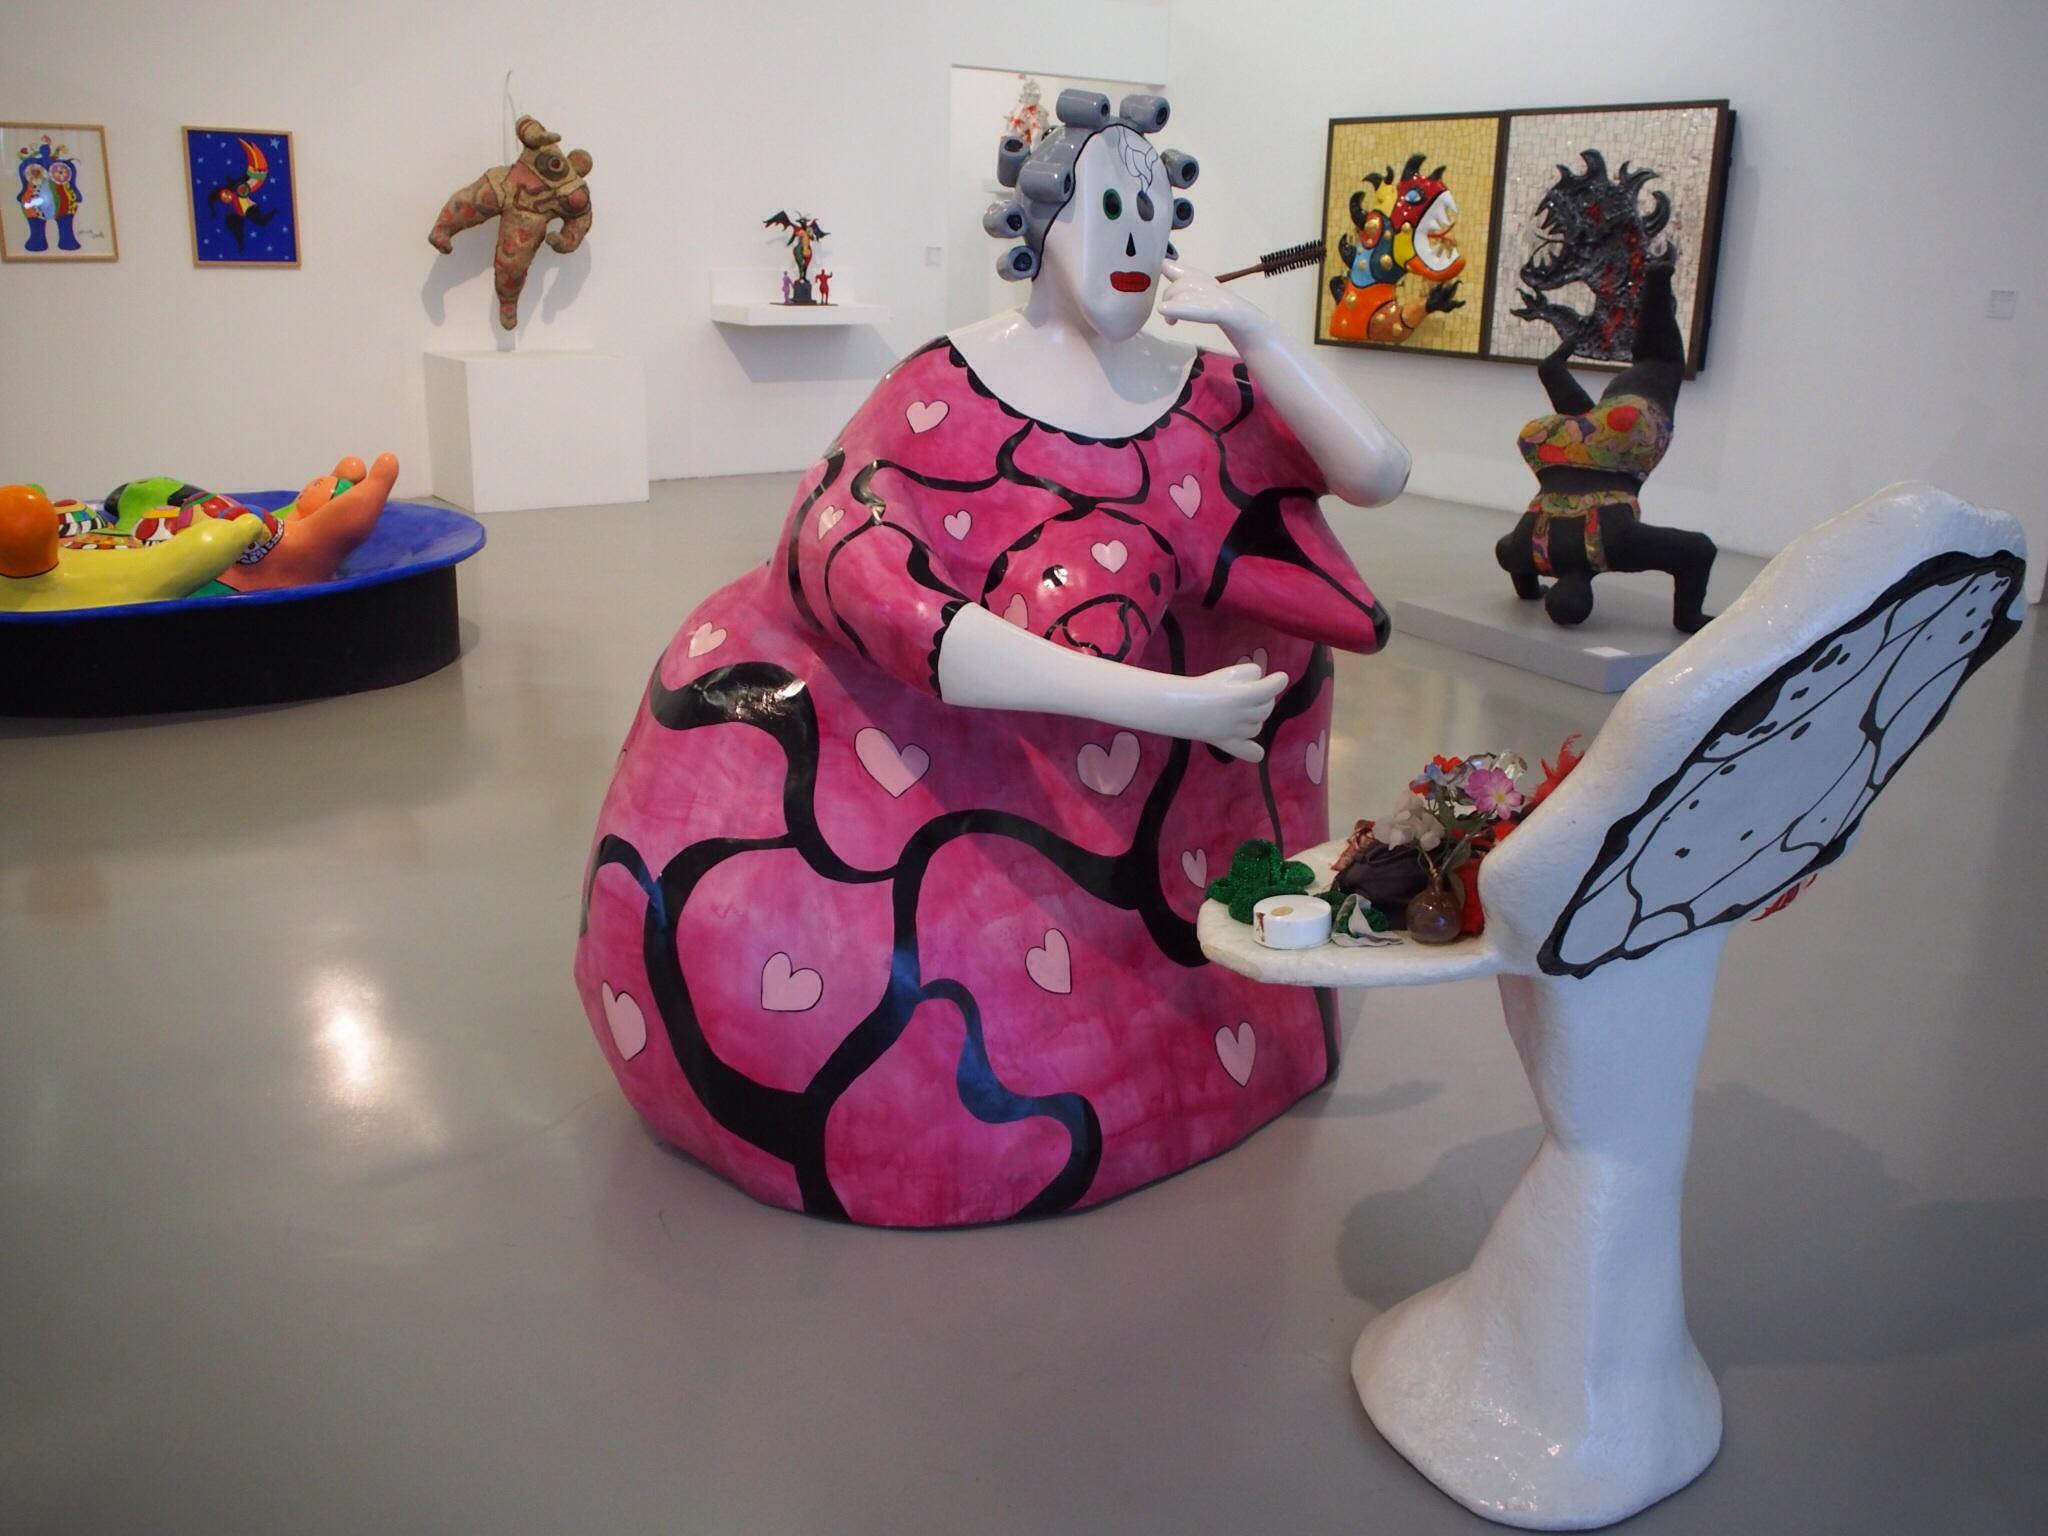 Niki de Saint Phalle, sculpture artist from France